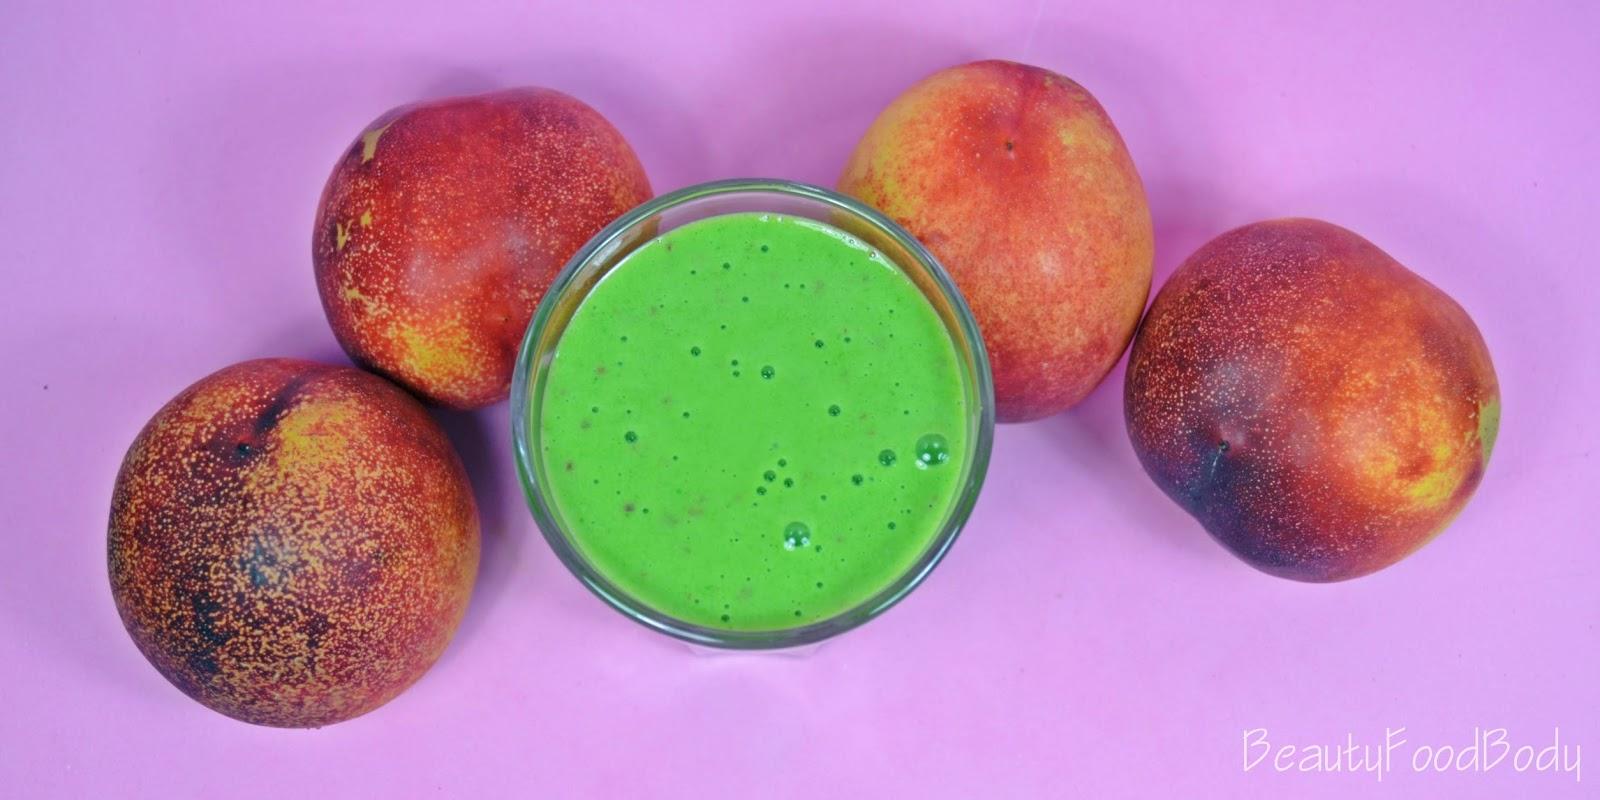 beautyfoodbody detox dieta smoothie verde batido principiantes